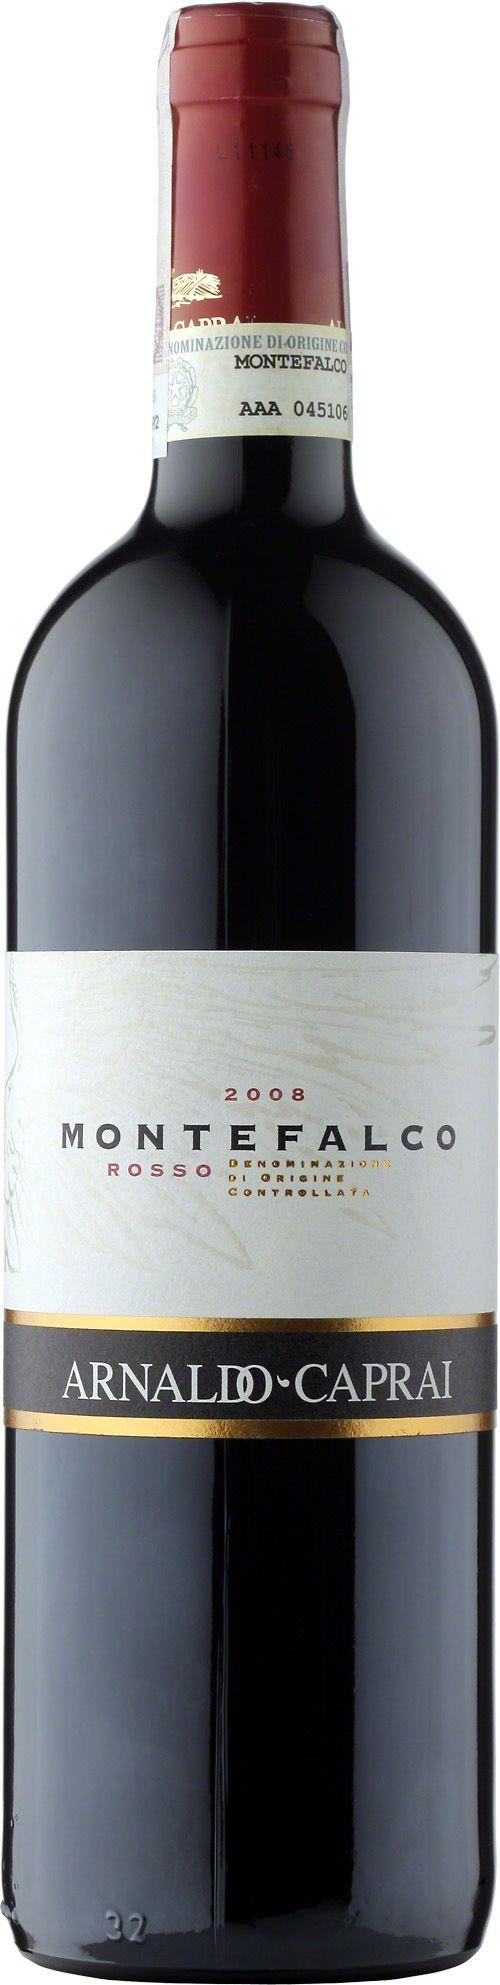 Montefalco Rosso D.O.C. Wino o bogatym rubinowym kolorze, a także rewelacyjnym aromacie, w którym wyczuć można nuty dojrzałych czerwonych owoców oraz nuty wanilii. W smaku treściwe, bogate o długim finiszu. Wyjątkowość tego niezwykłego napoju potwierdza wysoka ocena punktowa - 90/100 - od Antonio Galloni dla roczników 2008 i 2009. #ArnaldoCaprai #Umbria #Włochy #Montefalco #Rosso #Wino #Winezja #Sangiovese #Sagrantino #Merlot